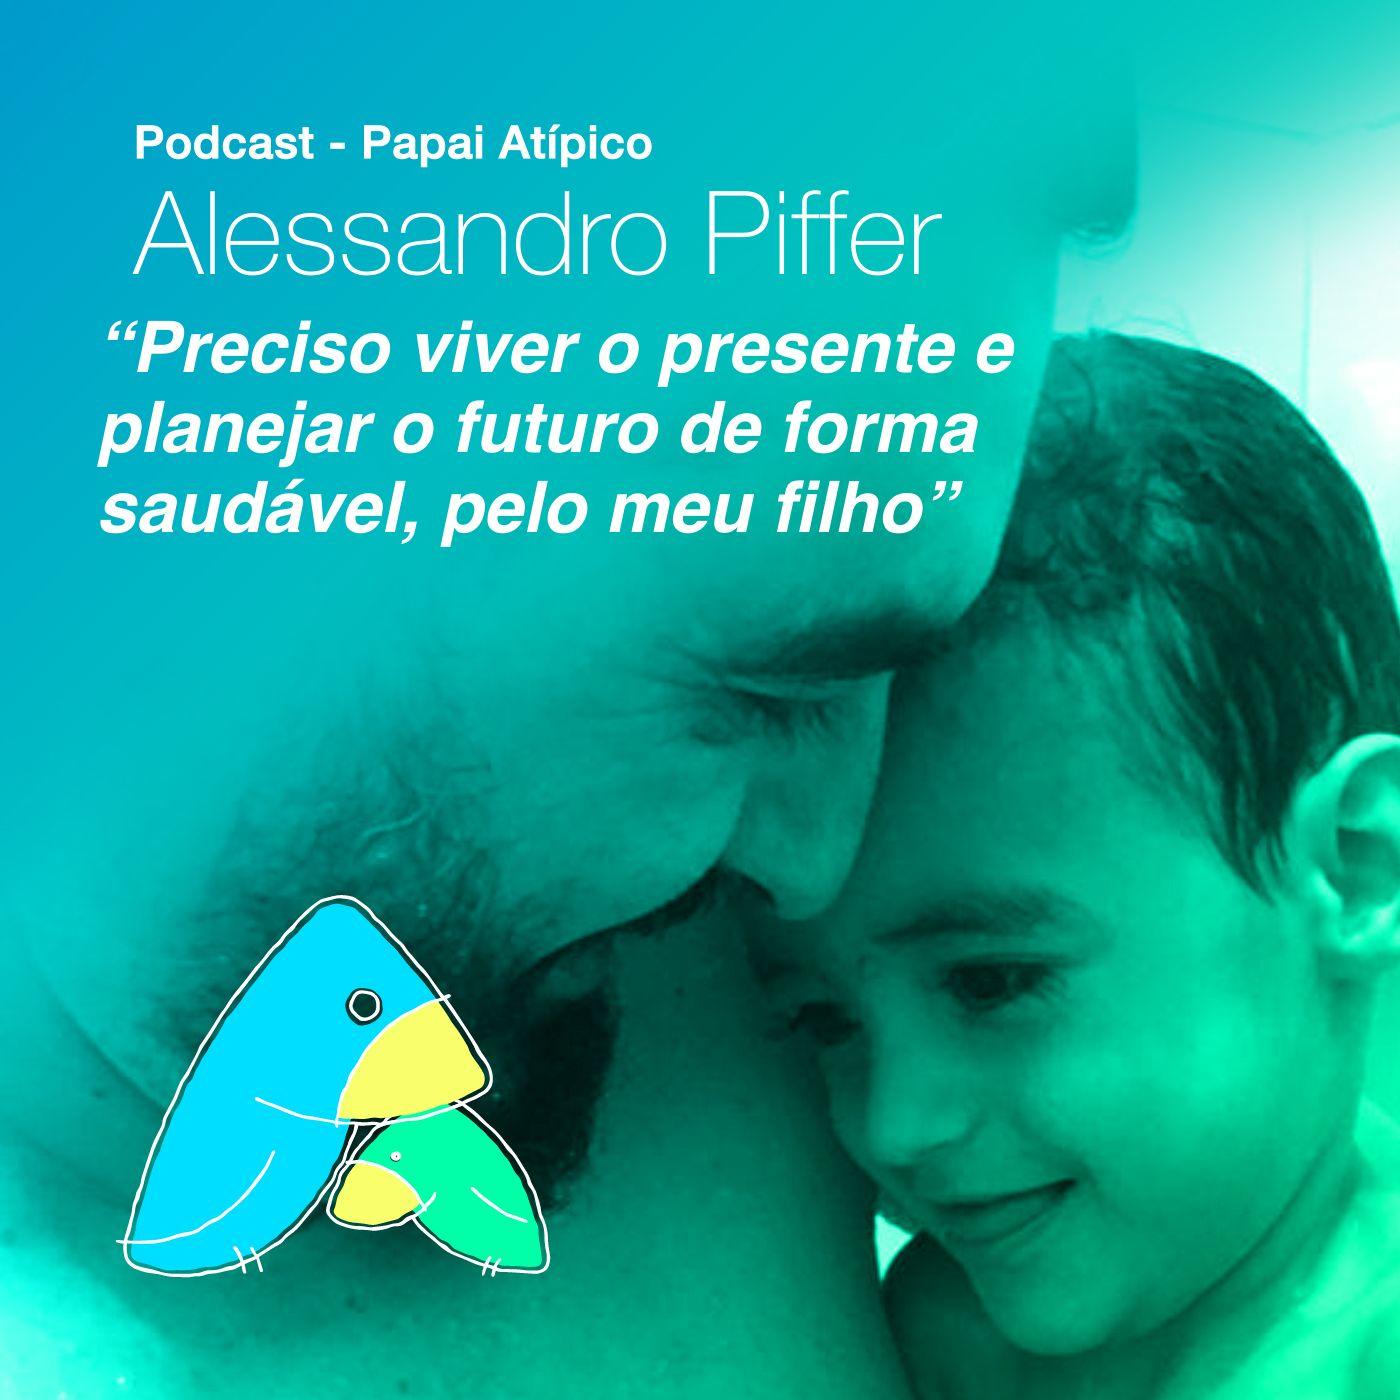 """Alessandro Piffer: """"Preciso viver o presente e planejar o futuro de forma saudável, pelo meu filho"""""""